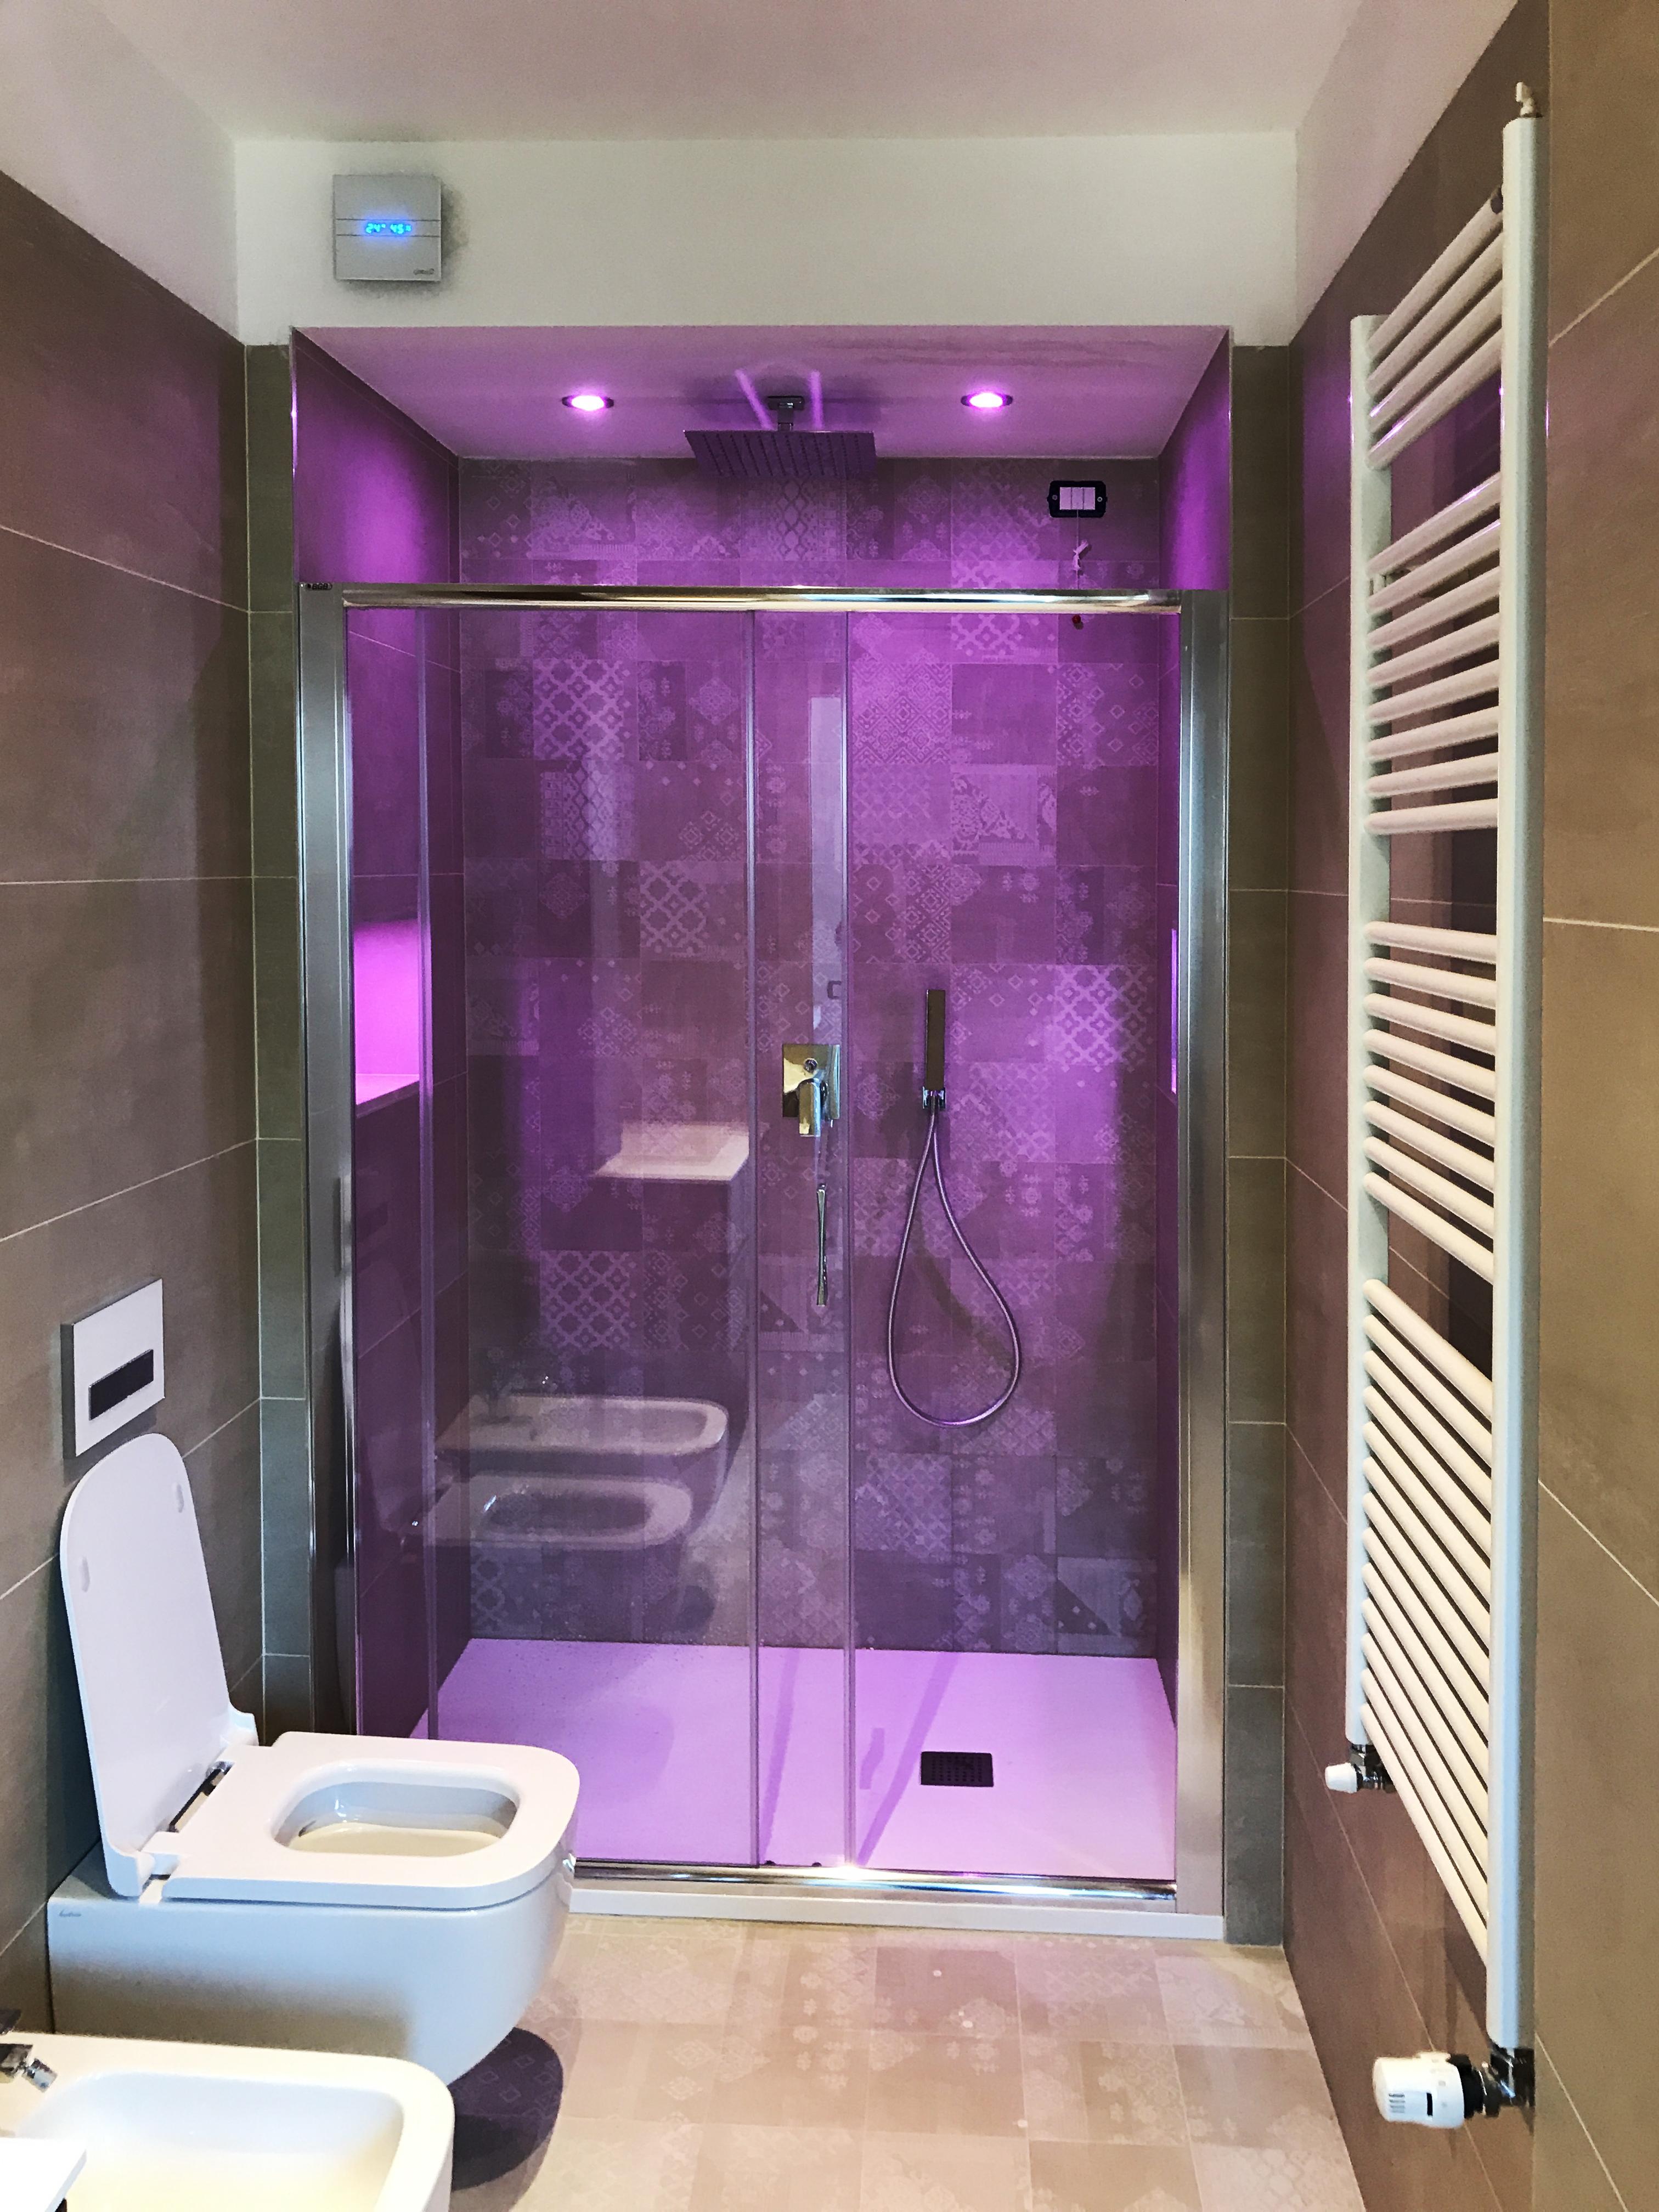 Detrazione fiscale per bagno stunning with detrazione fiscale per bagno with detrazione - Detrazione fiscale per rifacimento bagno ...